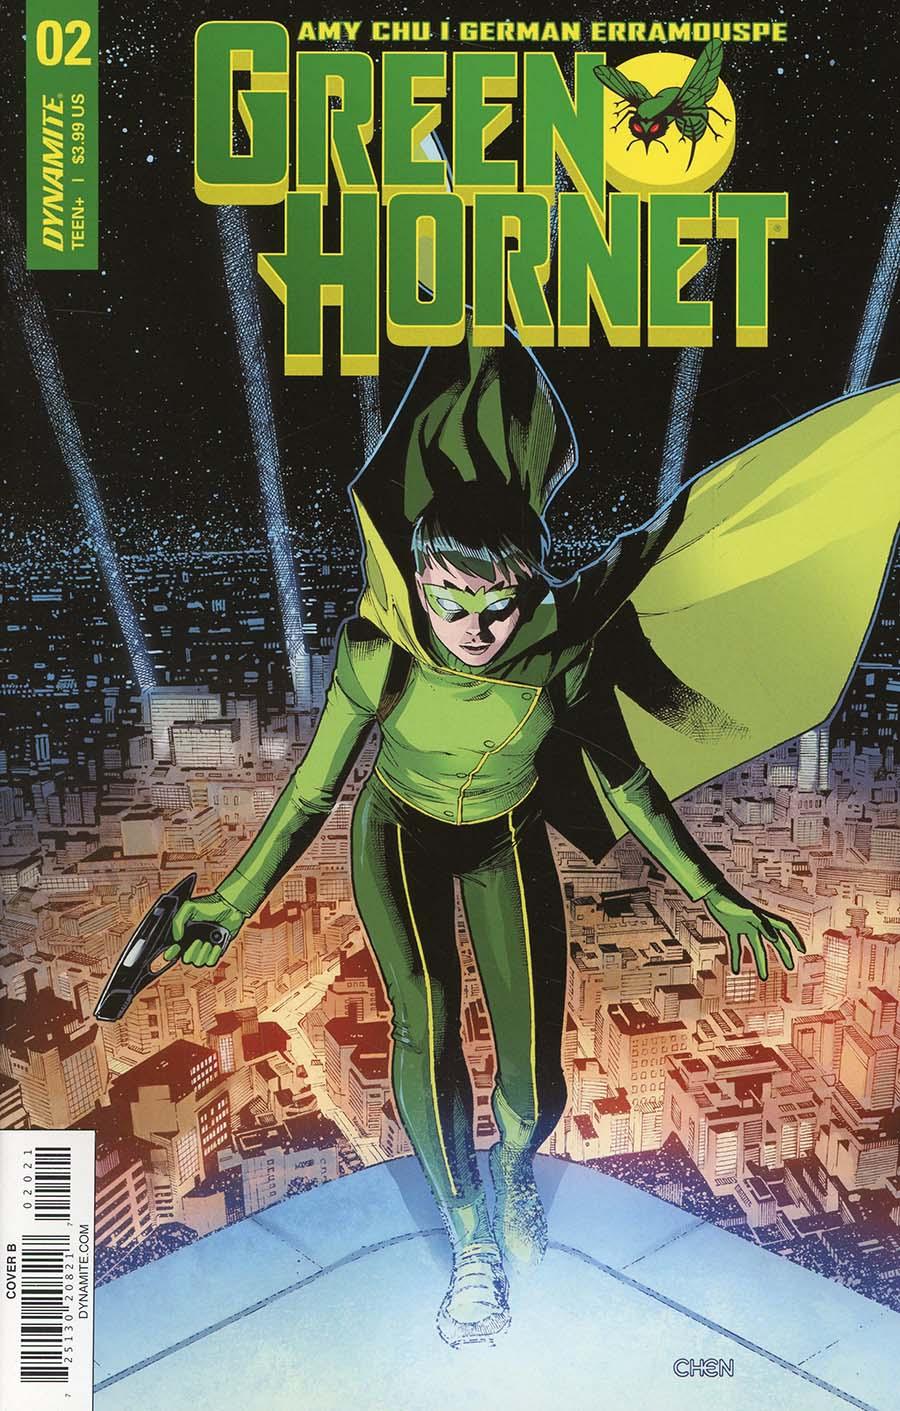 Green Hornet Vol 4 #2 Cover B Variant Sean Chen Cover